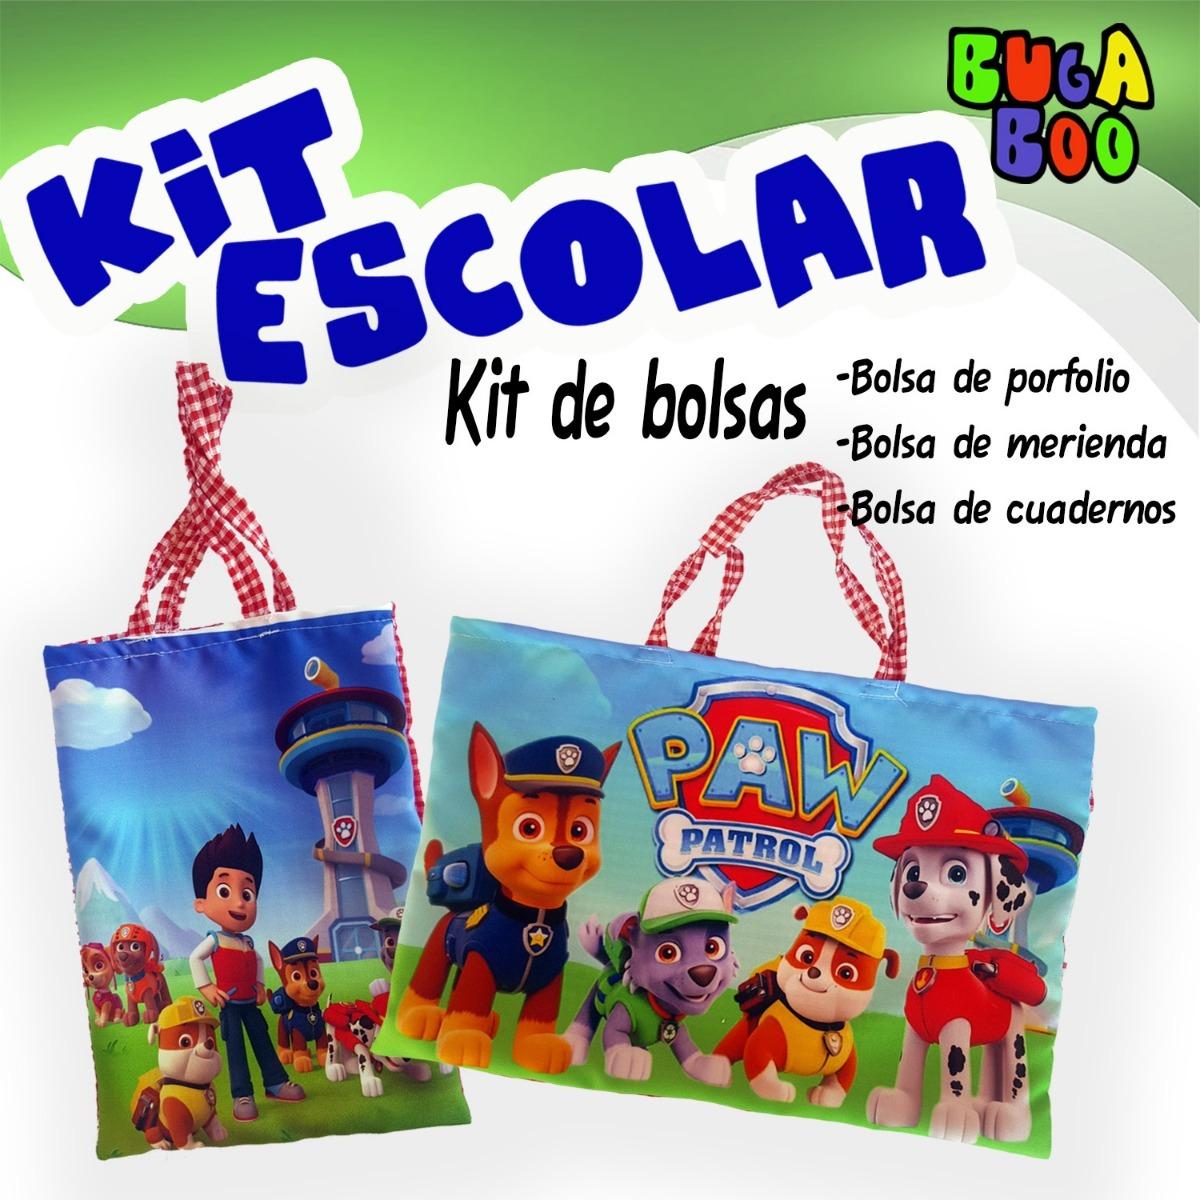 bf6391f54 Kit De Bolsa De Porfolio, Merienda Y Cuaderno-jardin Infanti - $ 250 ...